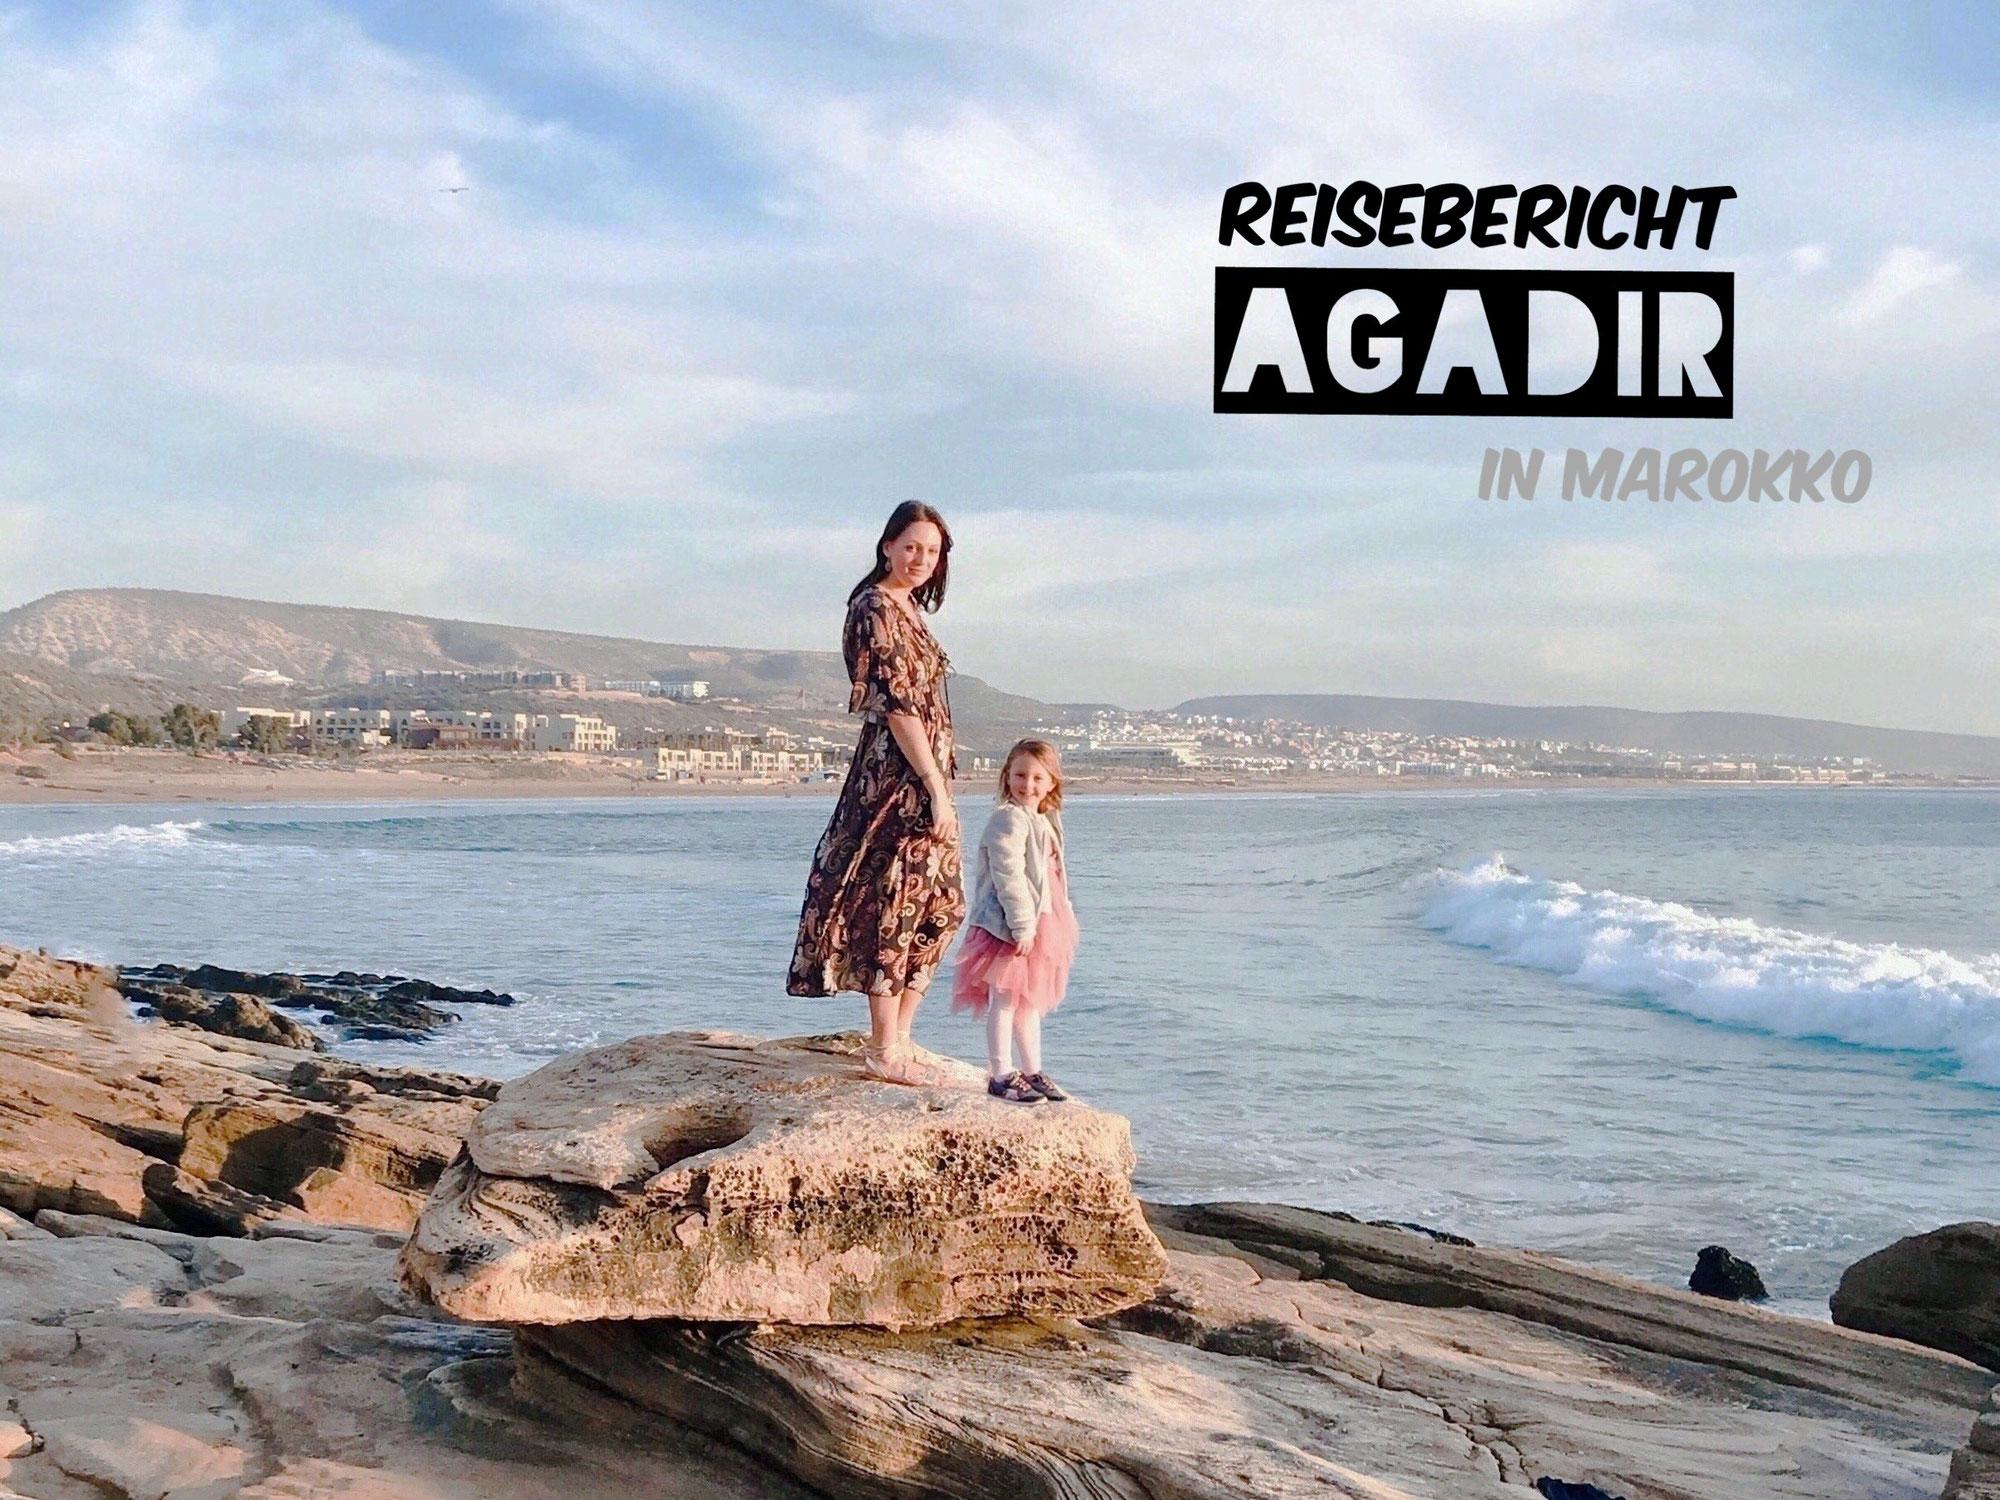 Familienurlaub in Agadir, Marokko: Atlas-Gebirge und Traumstrände